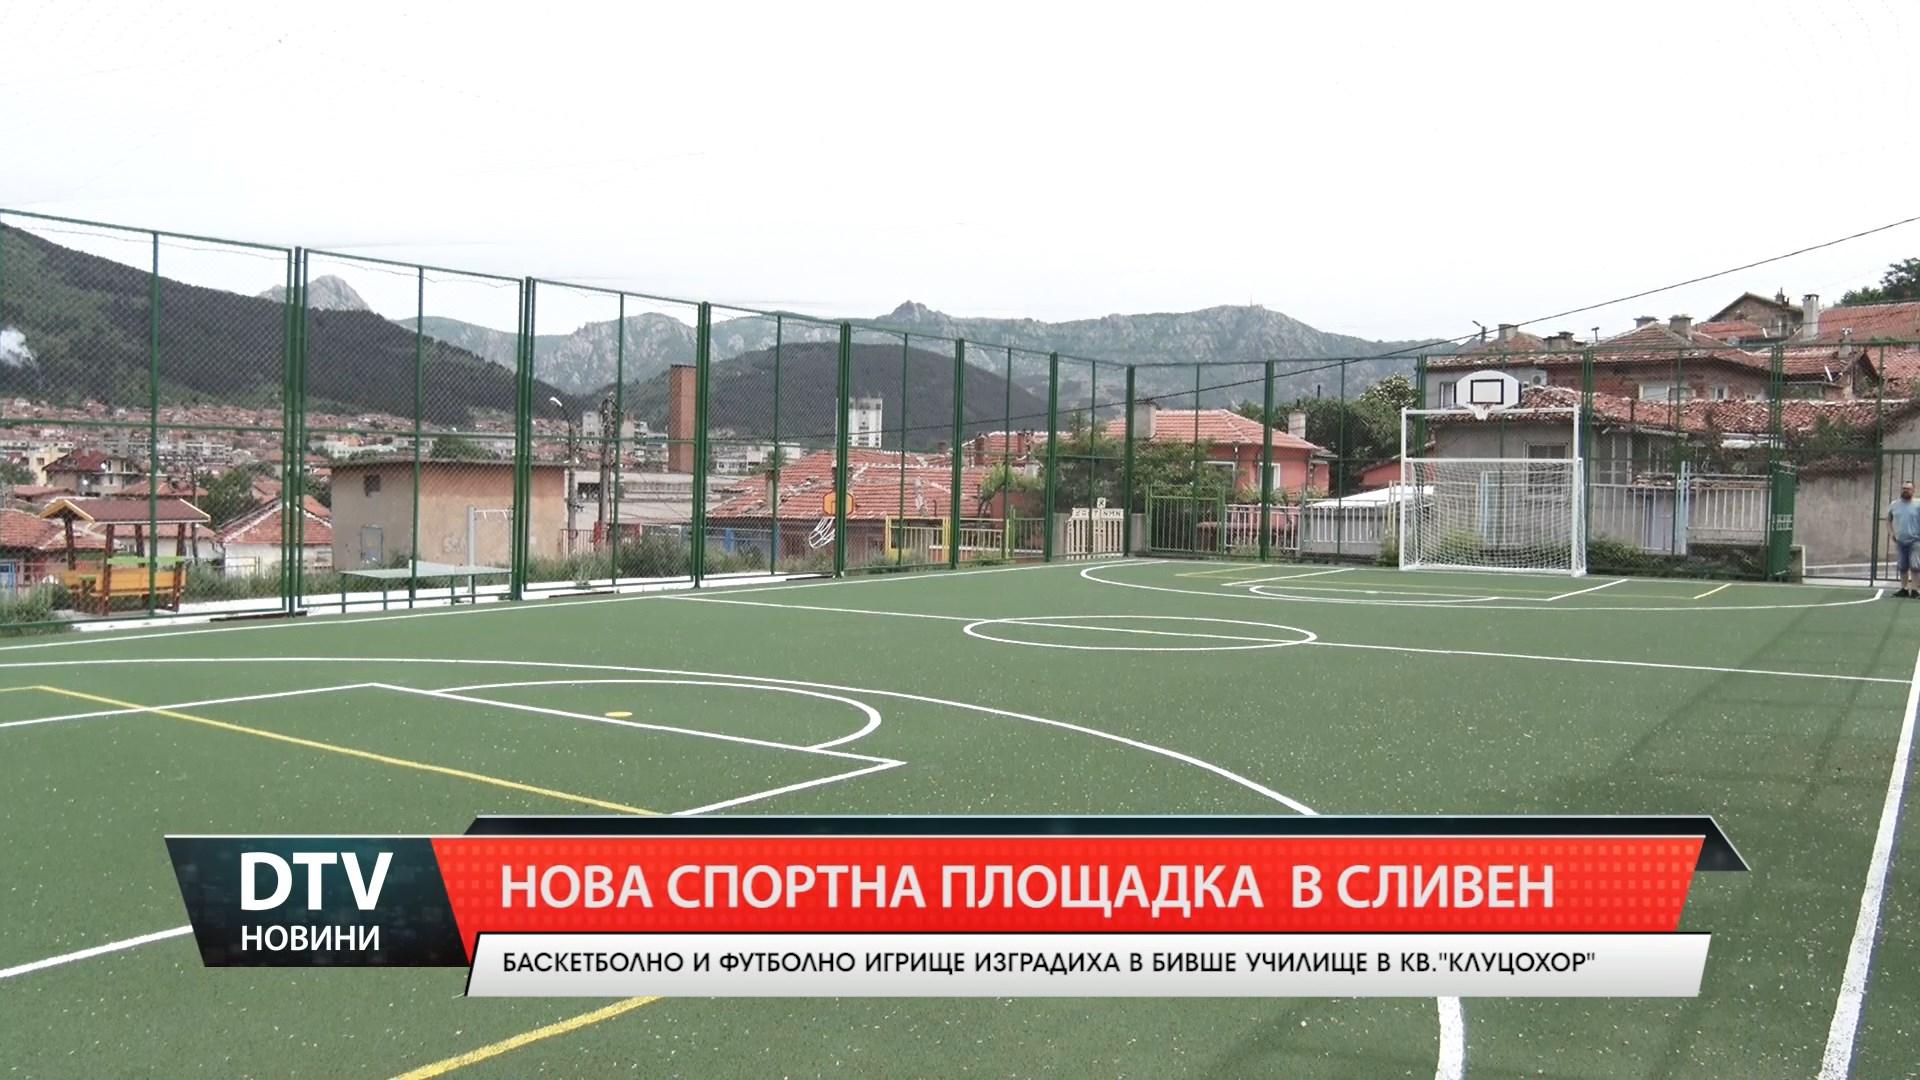 """Нова спортна площадка в сливенския квартал """"Клуцохор"""""""